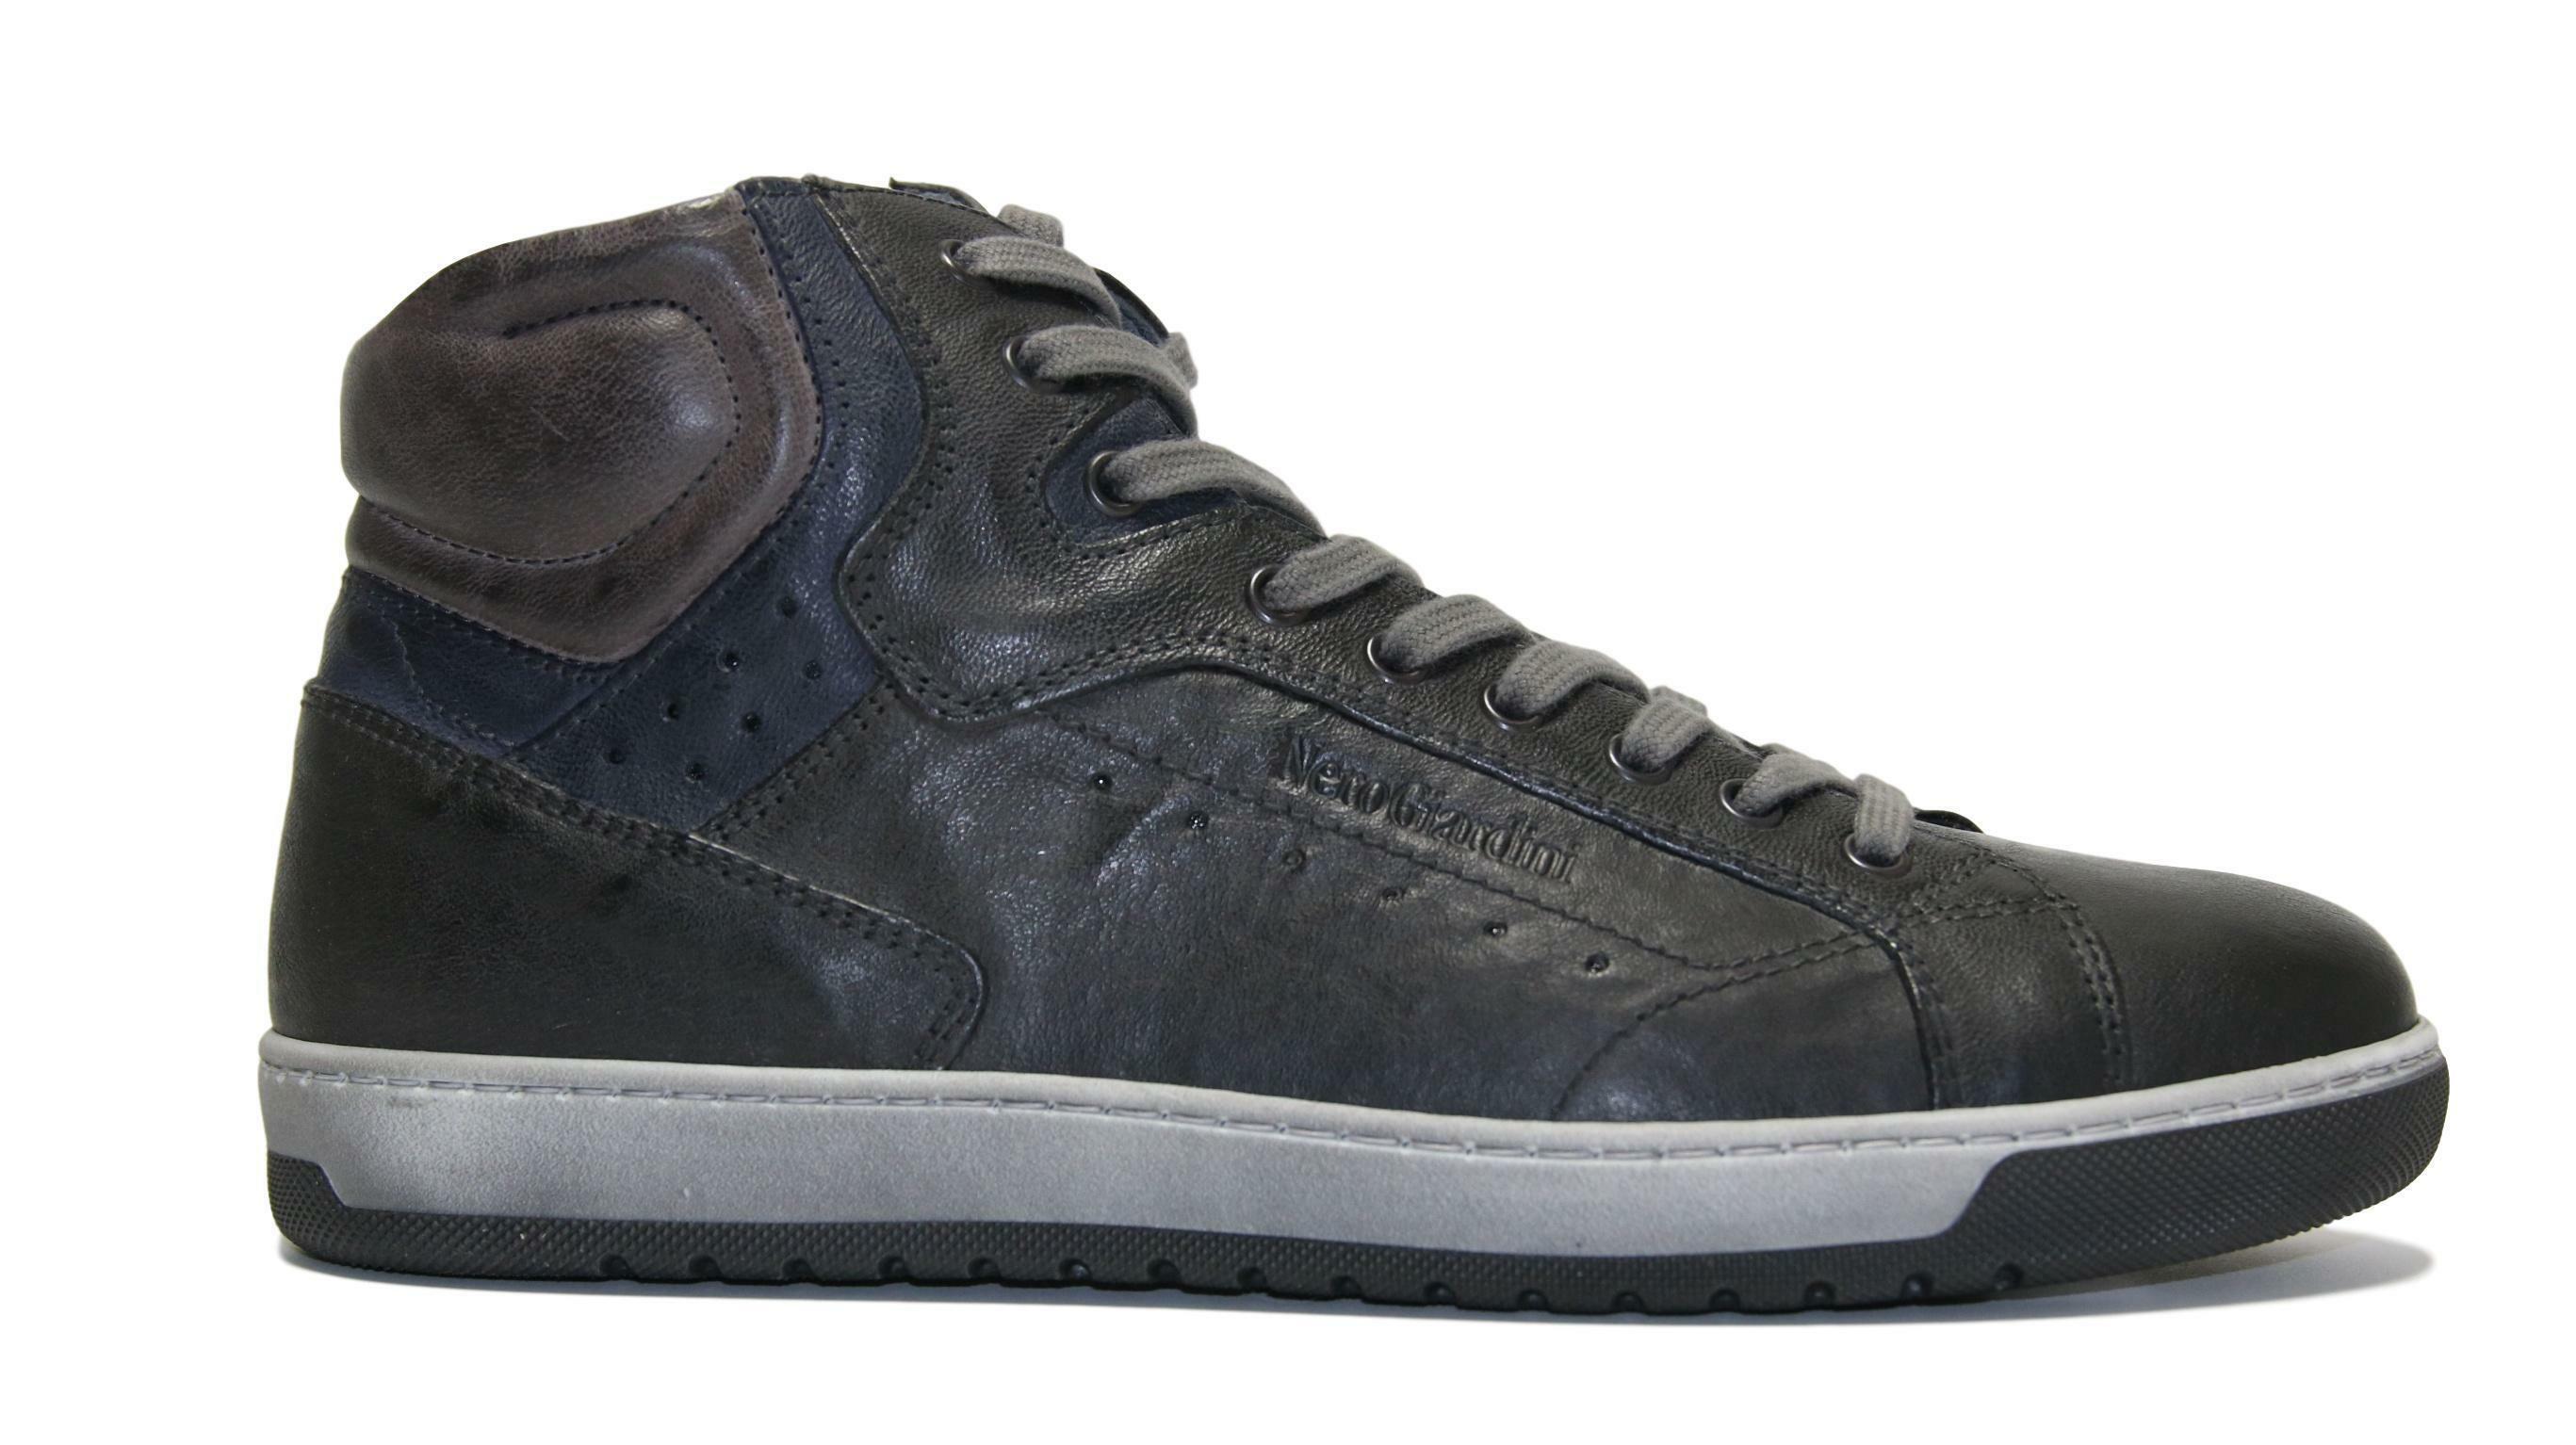 nero giardini nero giardini sneakers uomo a901230u 109 blu